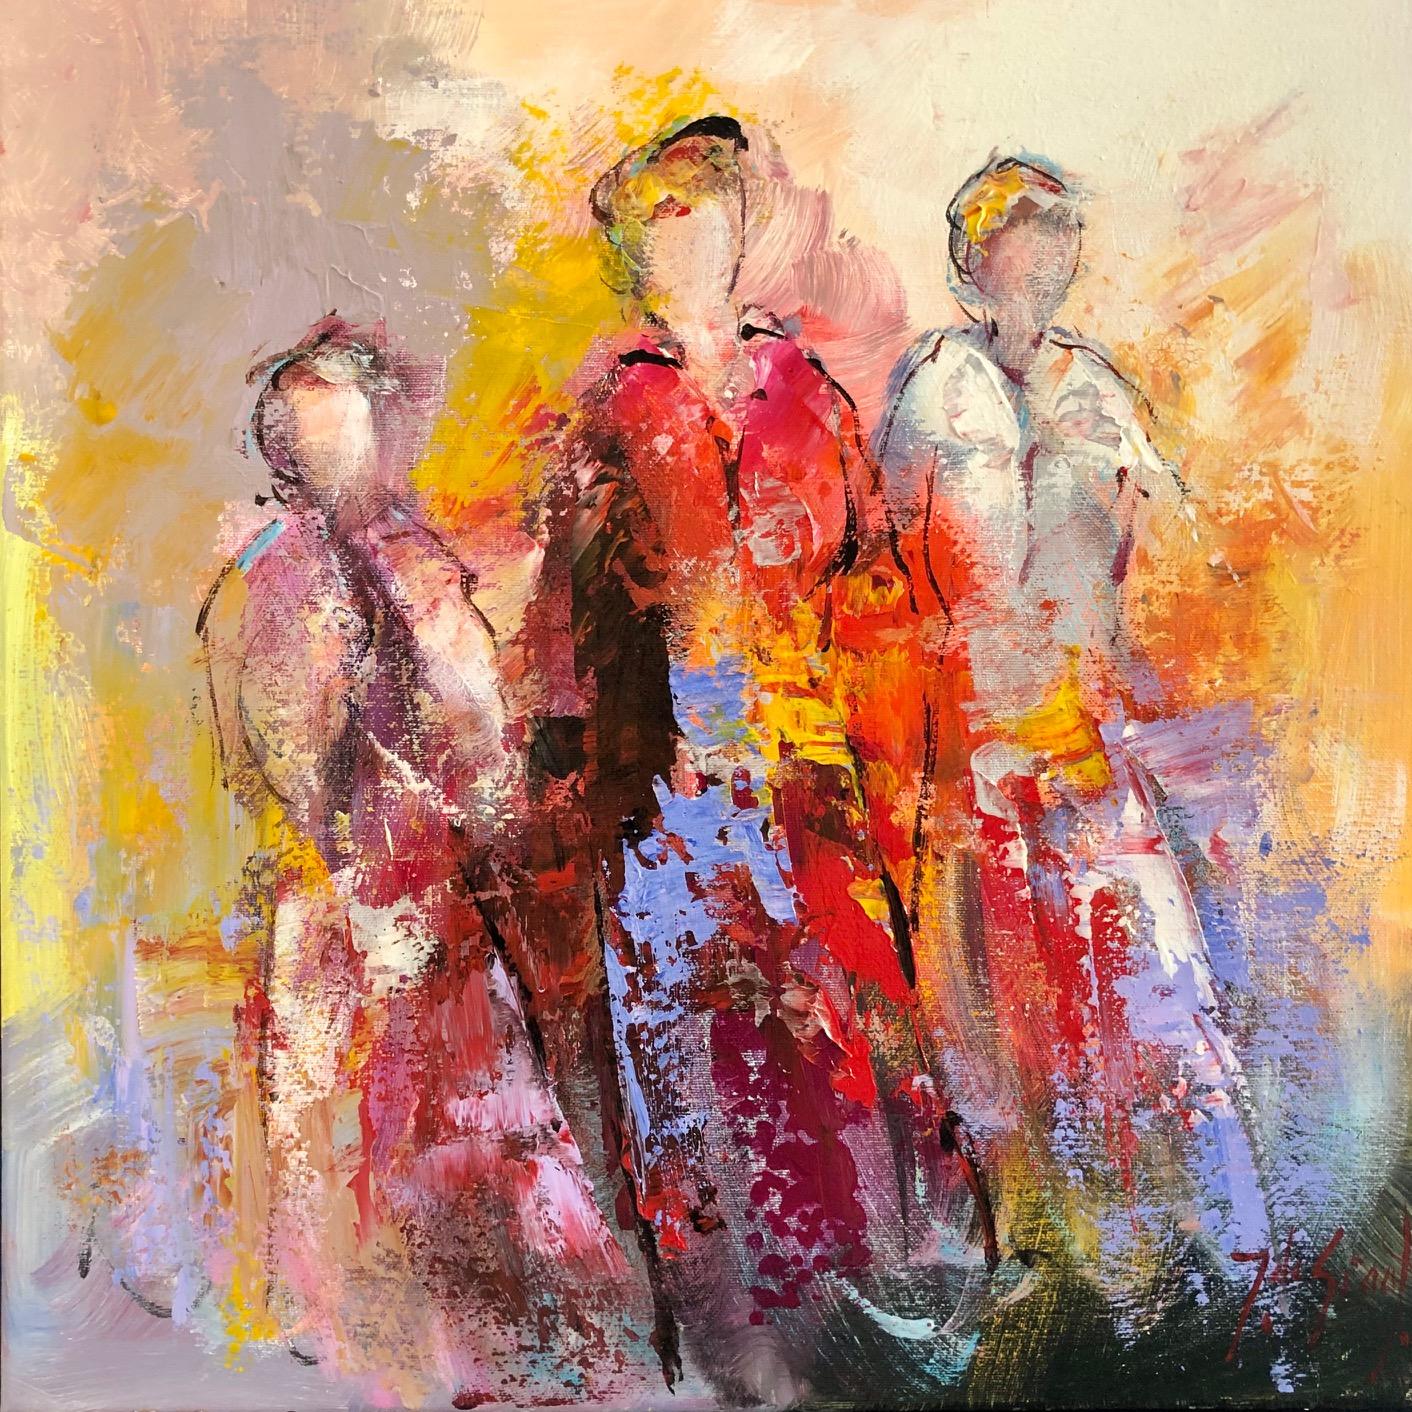 Jochem de Graaf schilderij 'Girlfriends I'